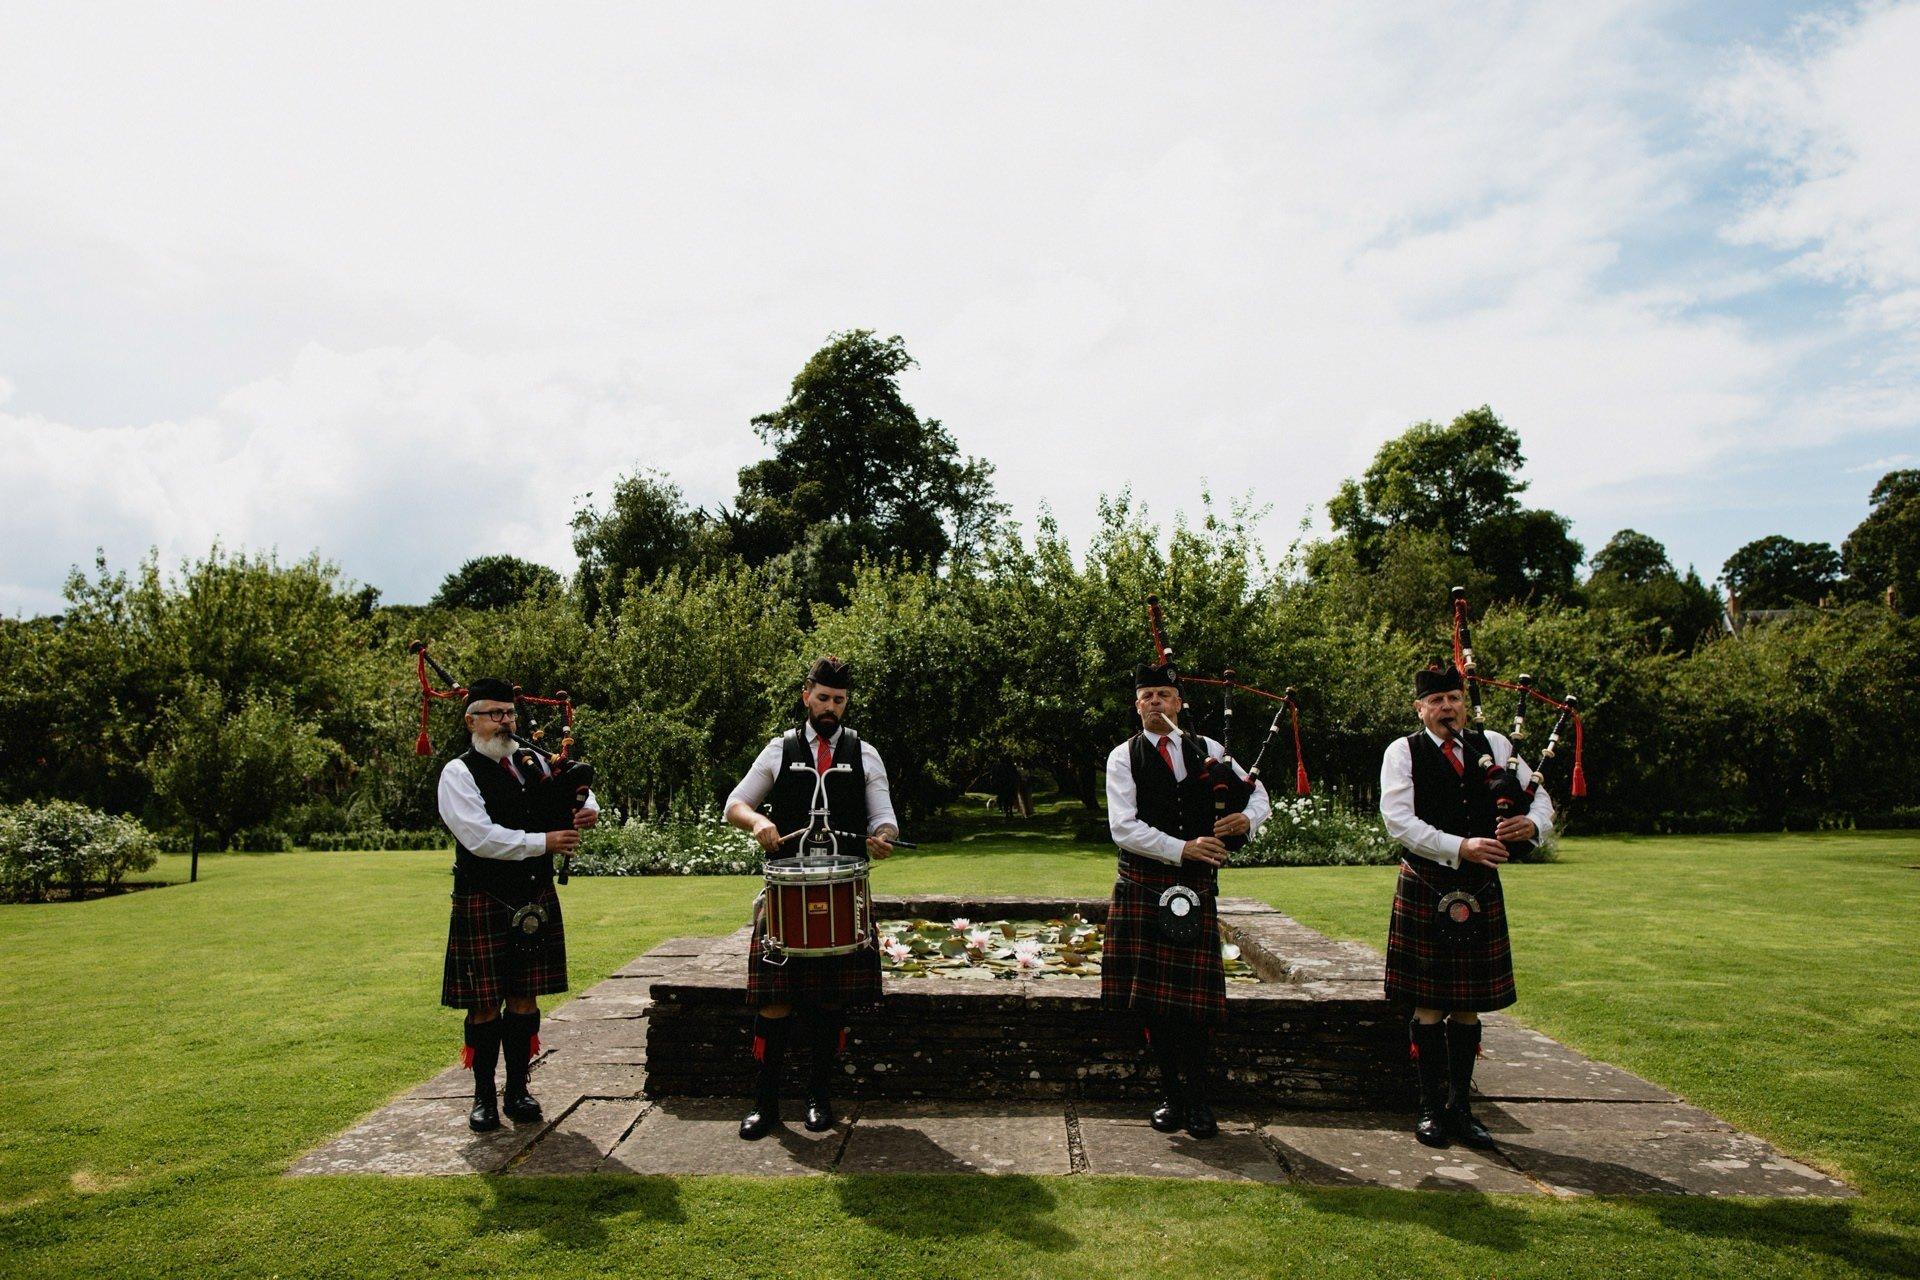 Wedding garden band pipe